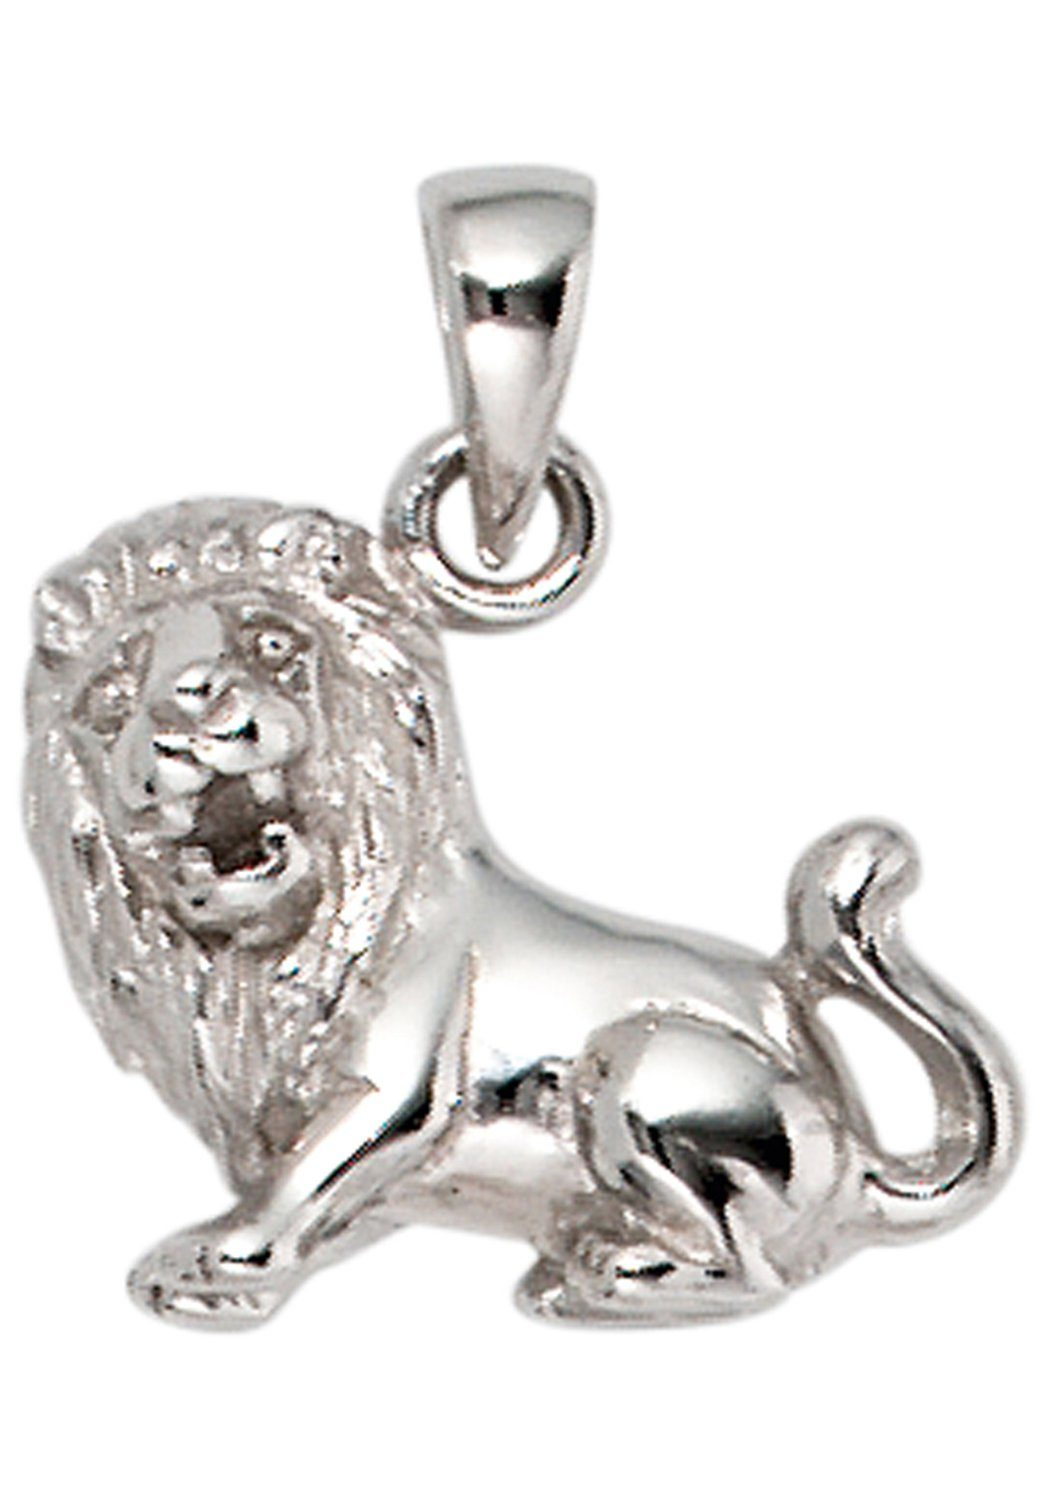 JOBO Sternzeichenanhänger Sternzeichen Löwe 925 Silber